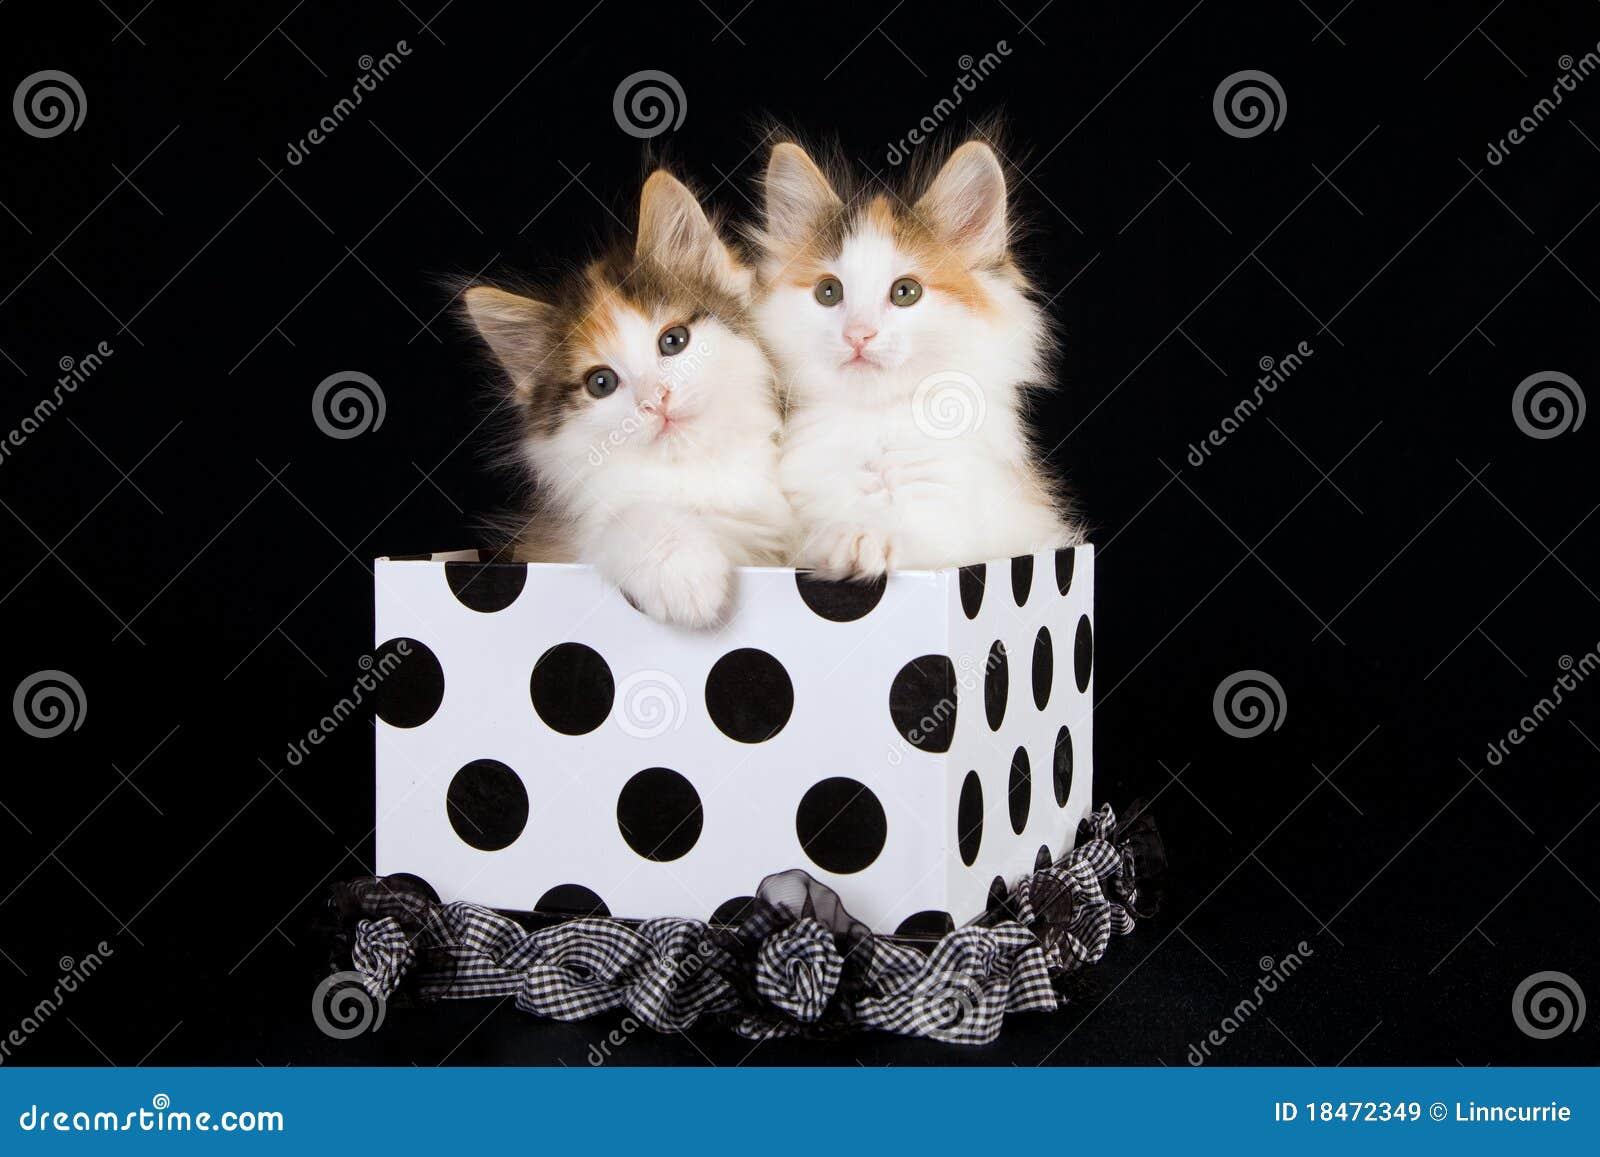 Norwegian Forest Cat kittens in polka dot box